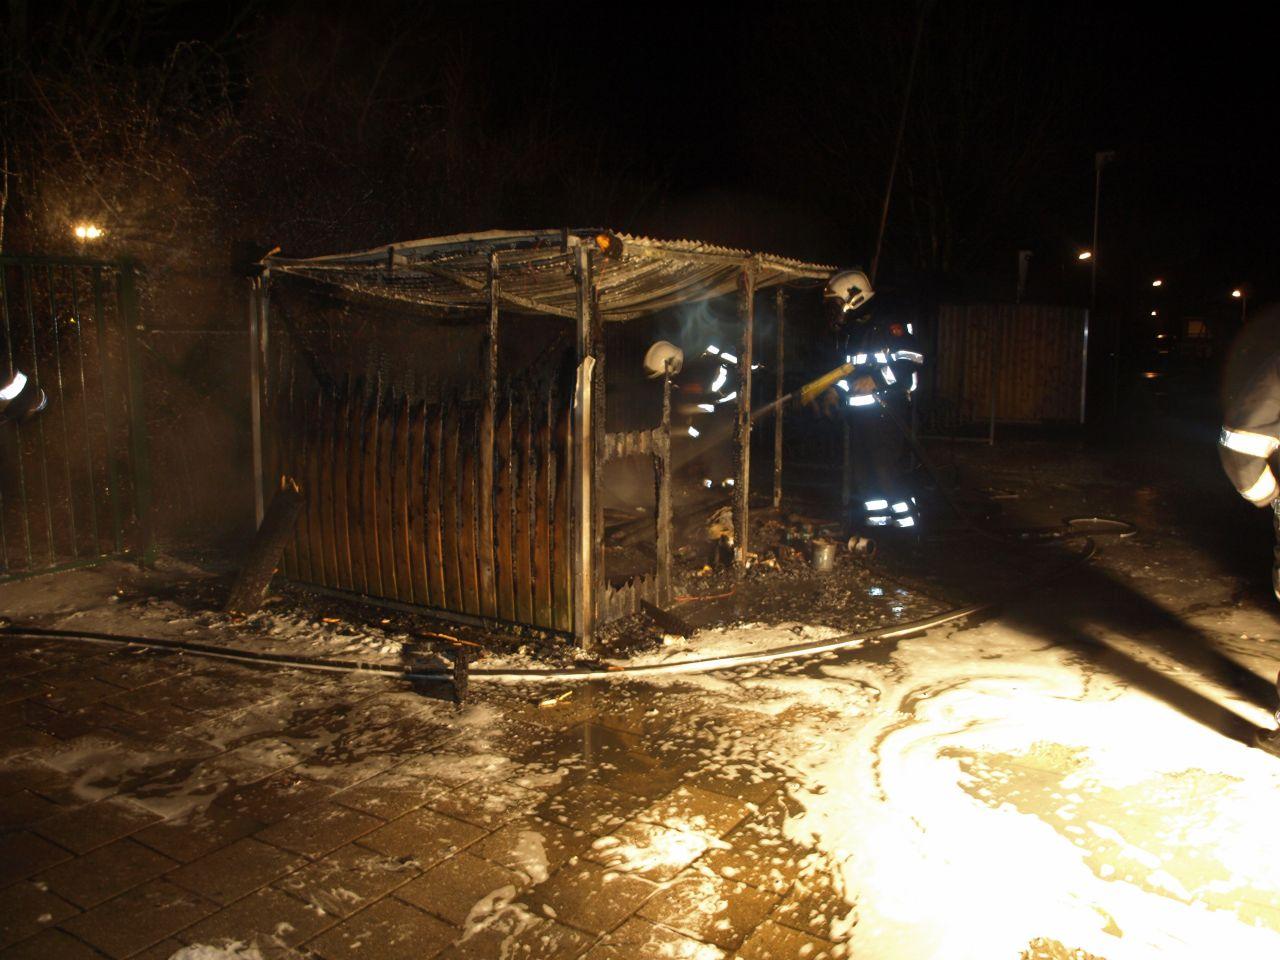 Fietsenhok brandt af